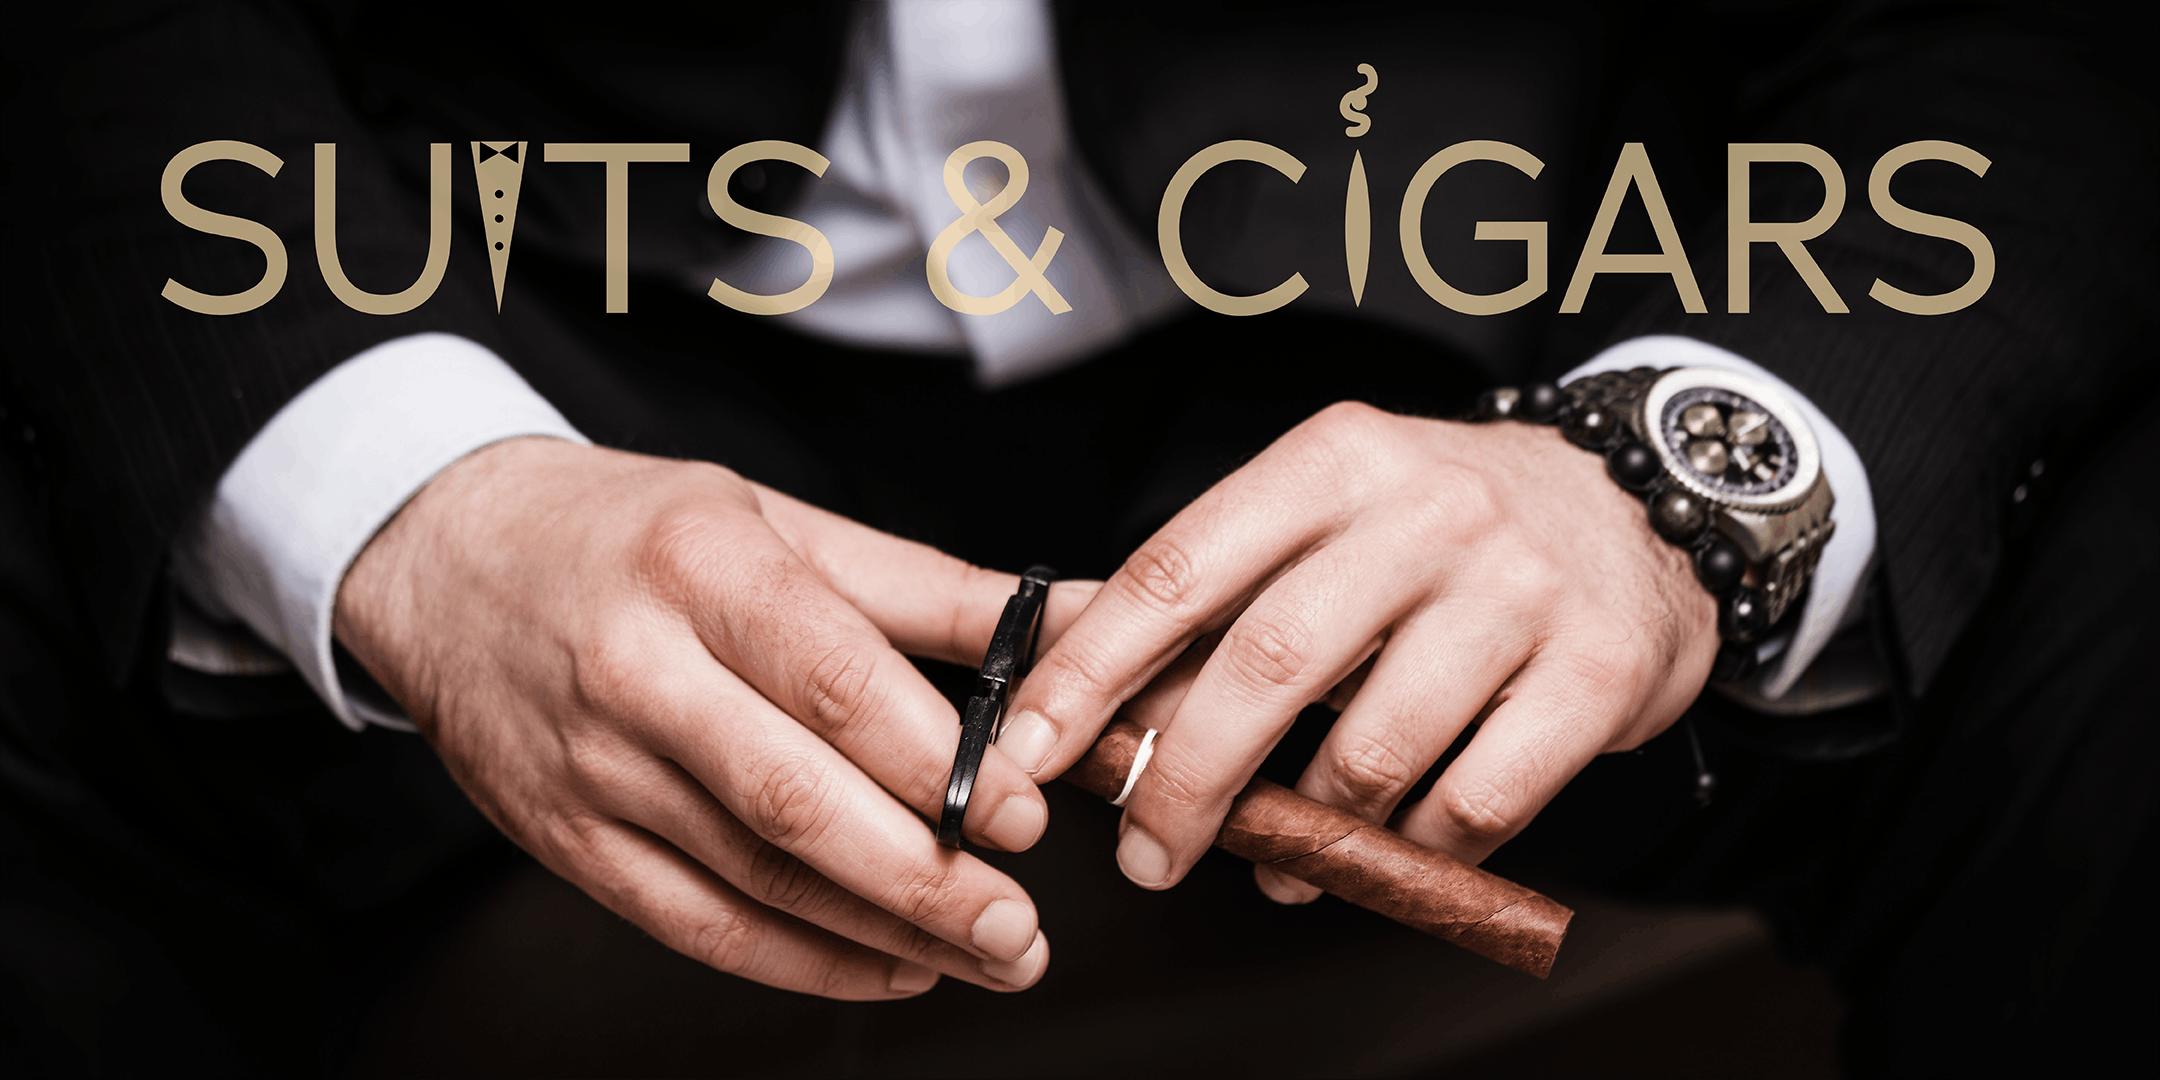 Suits & Cigars - The Phoenix Suit Project